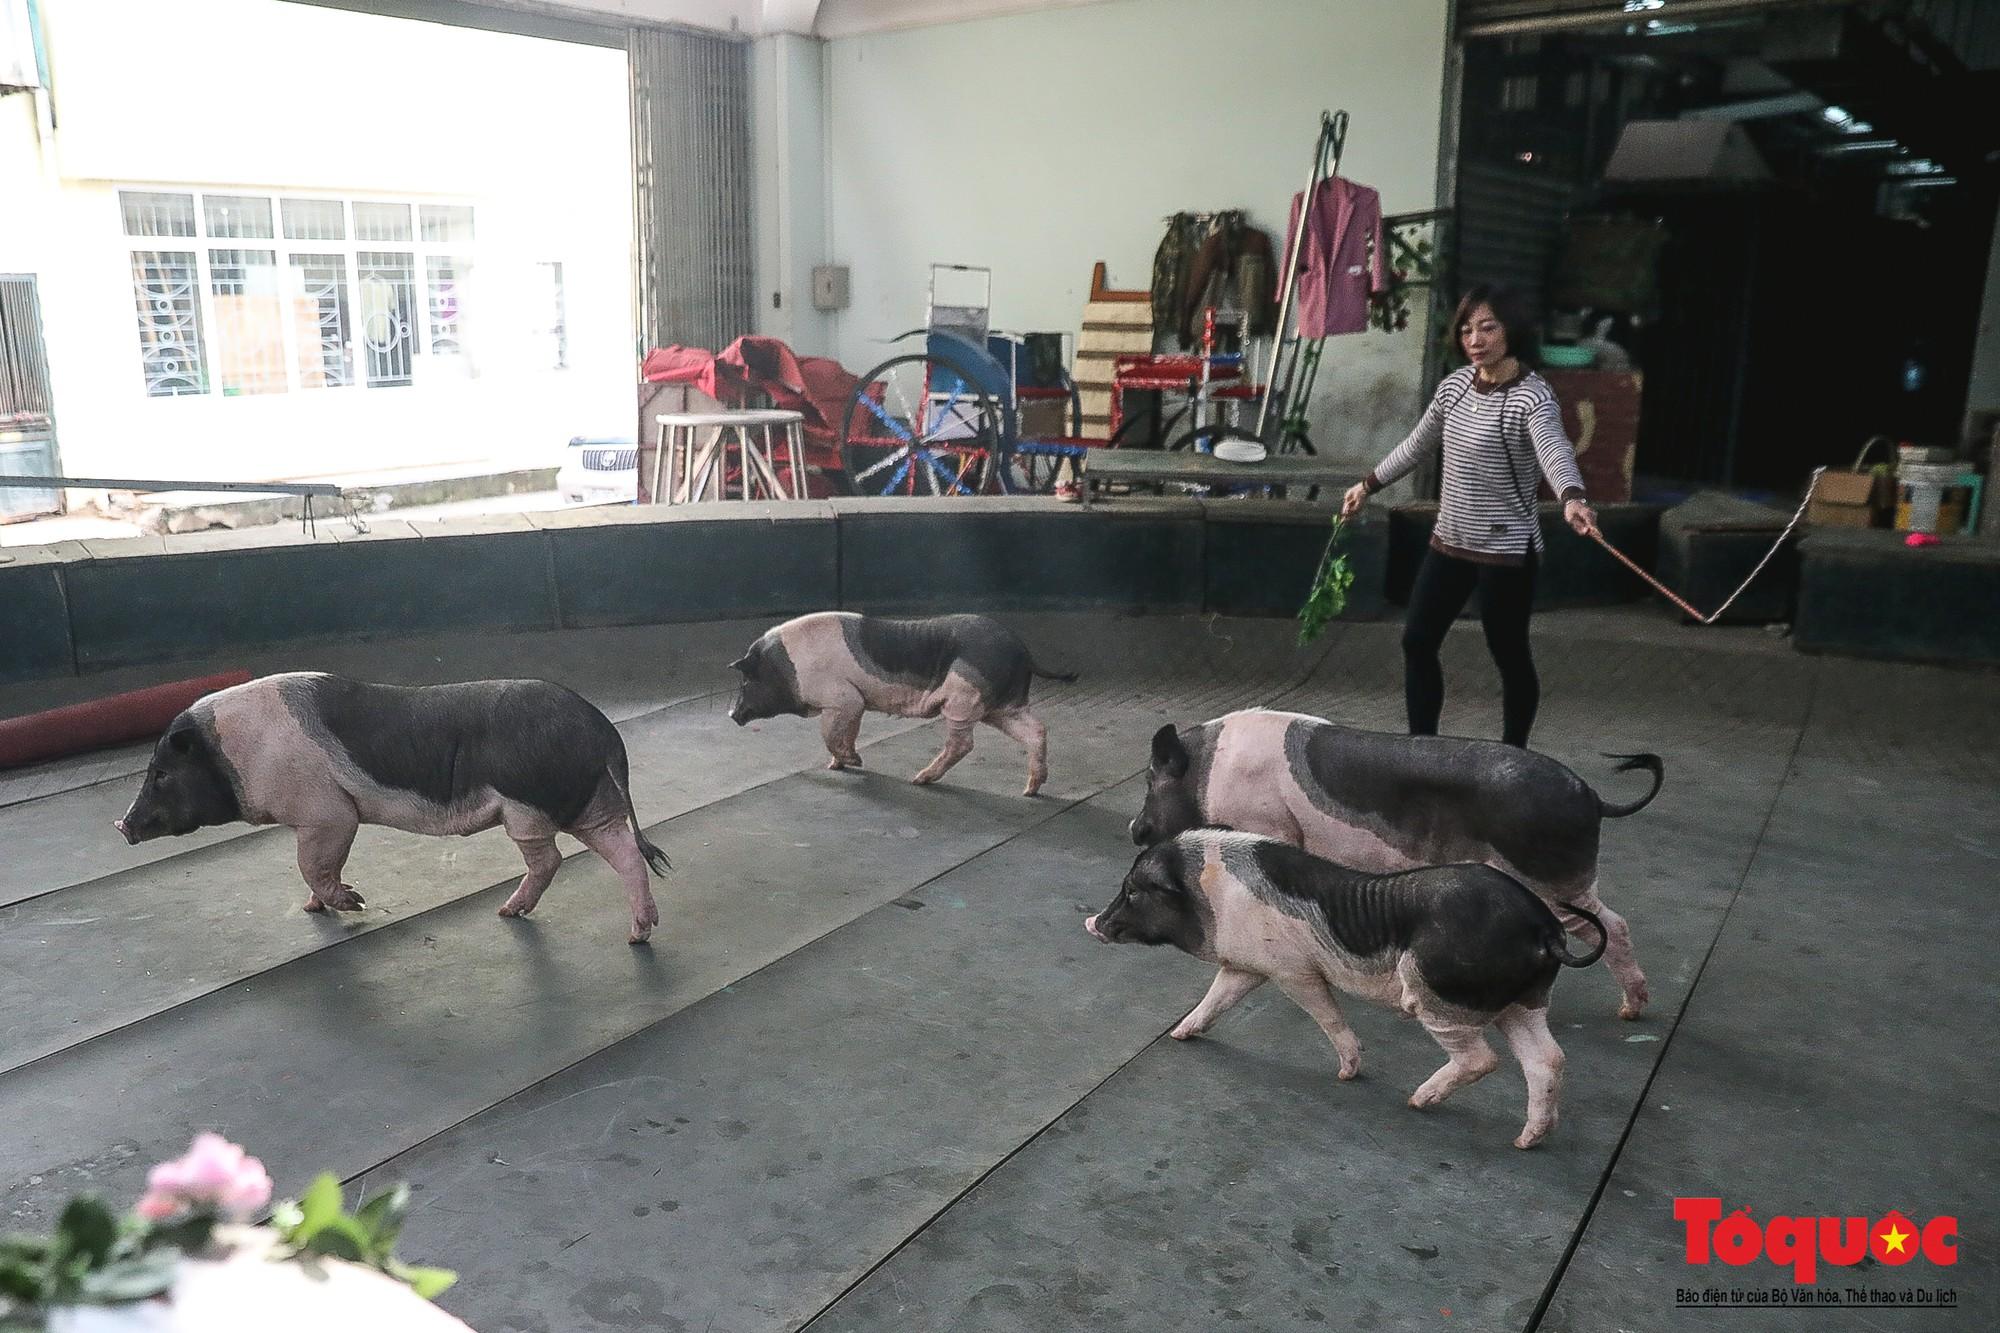 Năm Kỷ Hợi: Cùng khám phá nơi huấn luyện xiếc lợn đầu tiên của Việt Nam - Ảnh 2.